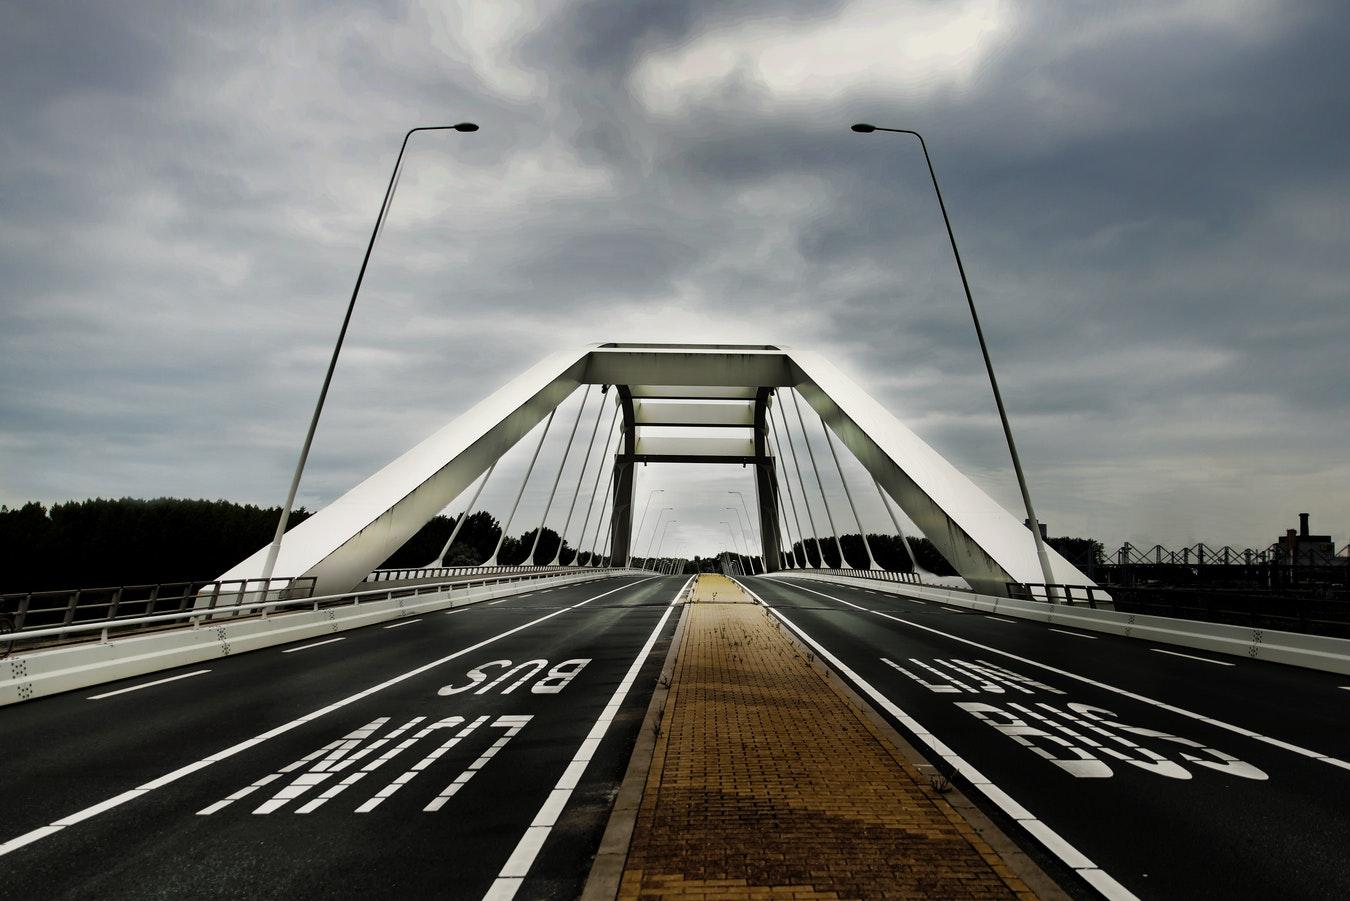 La sécurité routière aux Pays-Bas